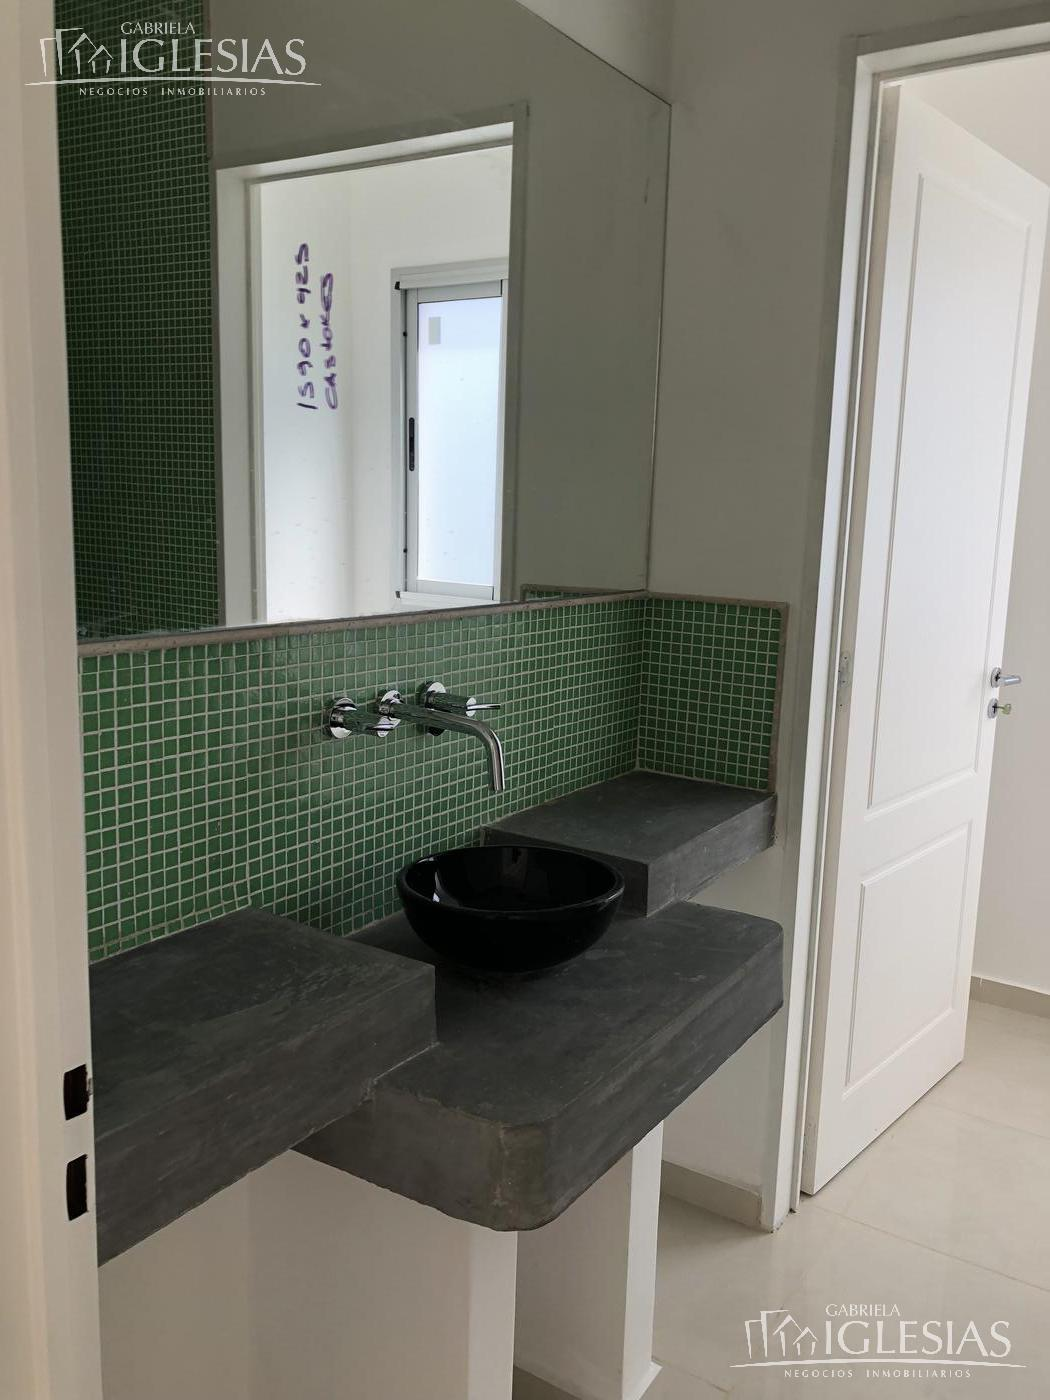 Casa en Venta en Los Castores a Venta - u$s 740.000